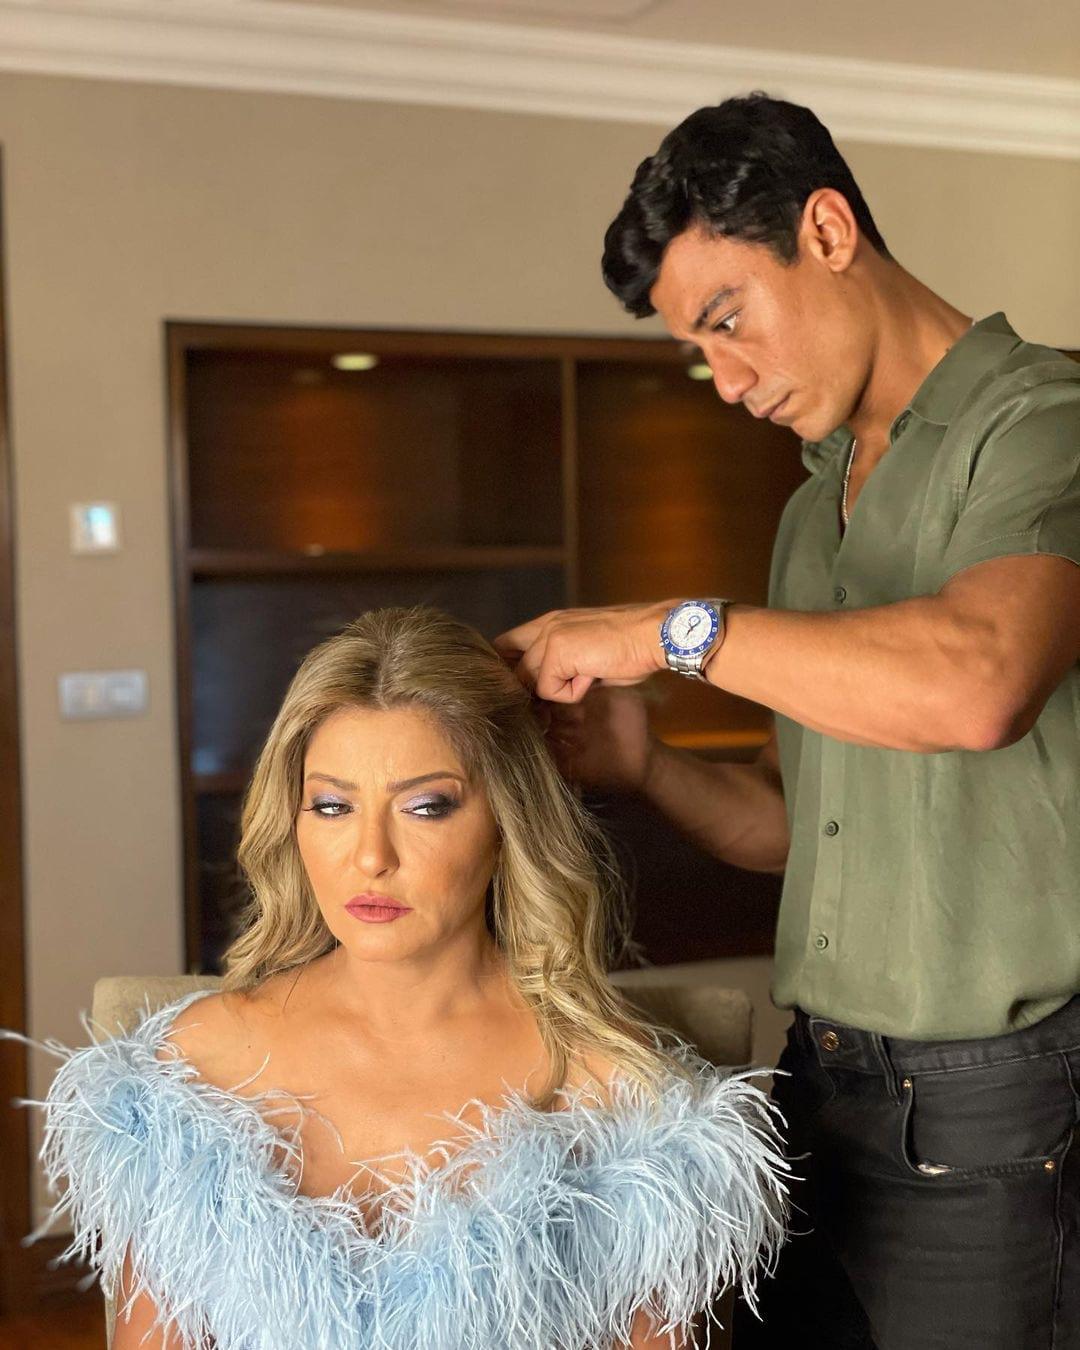 حفل زفاف كاميليا الدفراوى ابنة الفنانة علا غانم و شبه كبير بين الفنانة علا غانم وابنتها